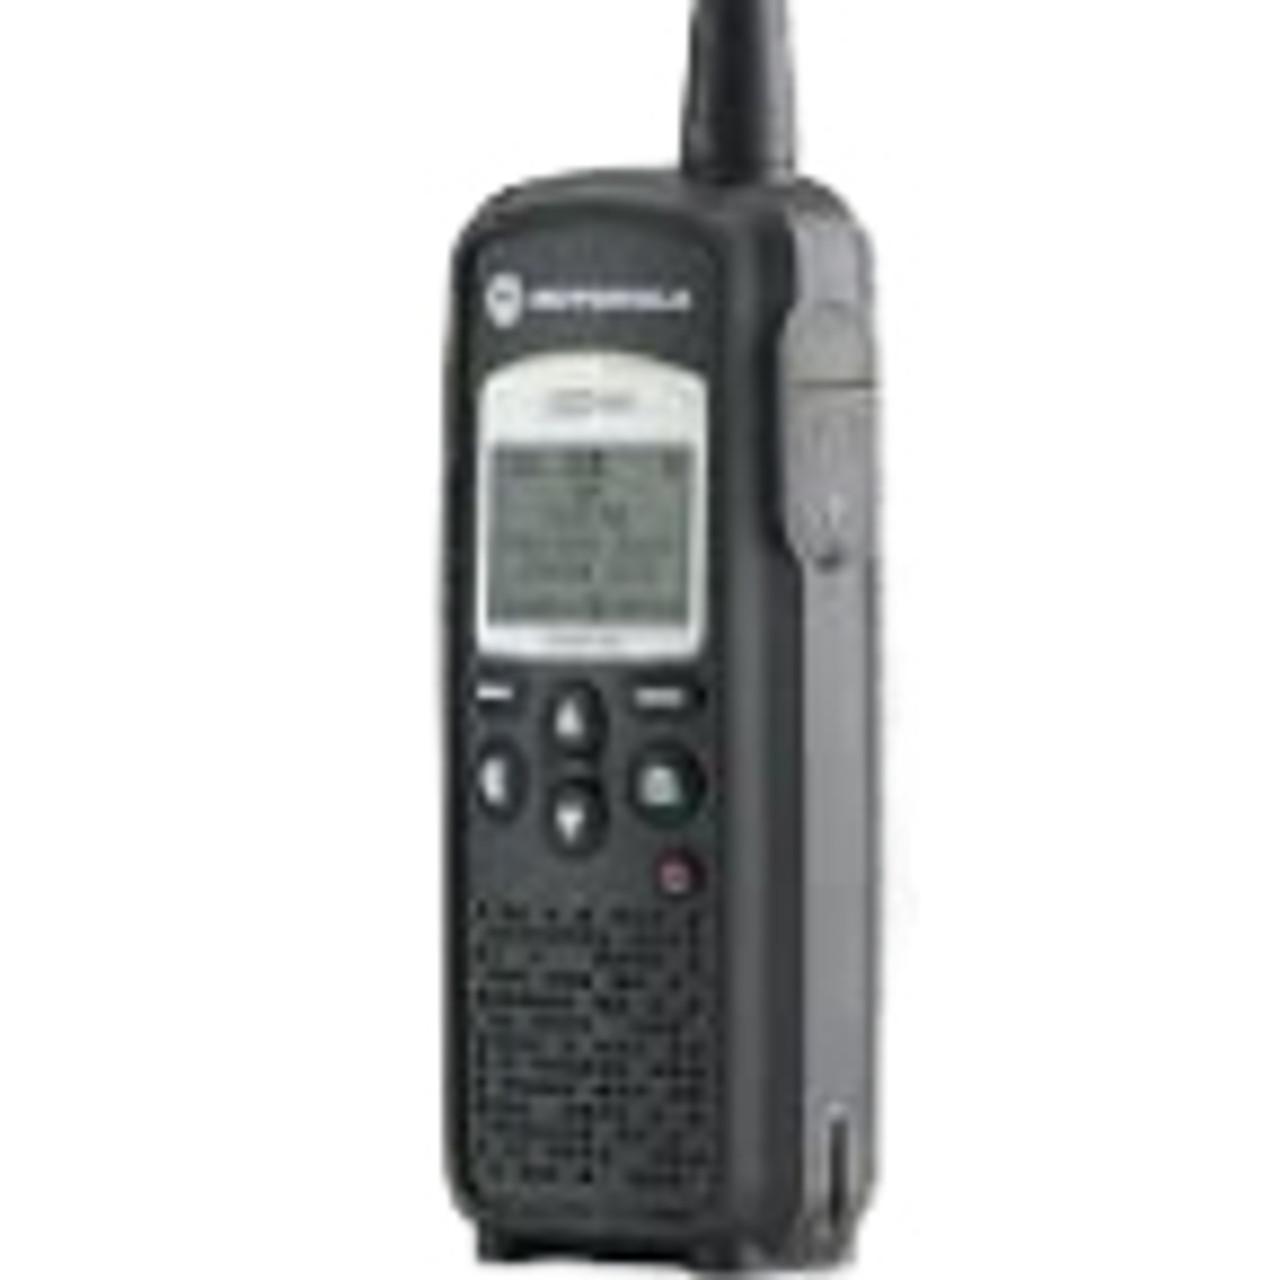 Commercial Radios - Motorola Commercial Radios - Page 1